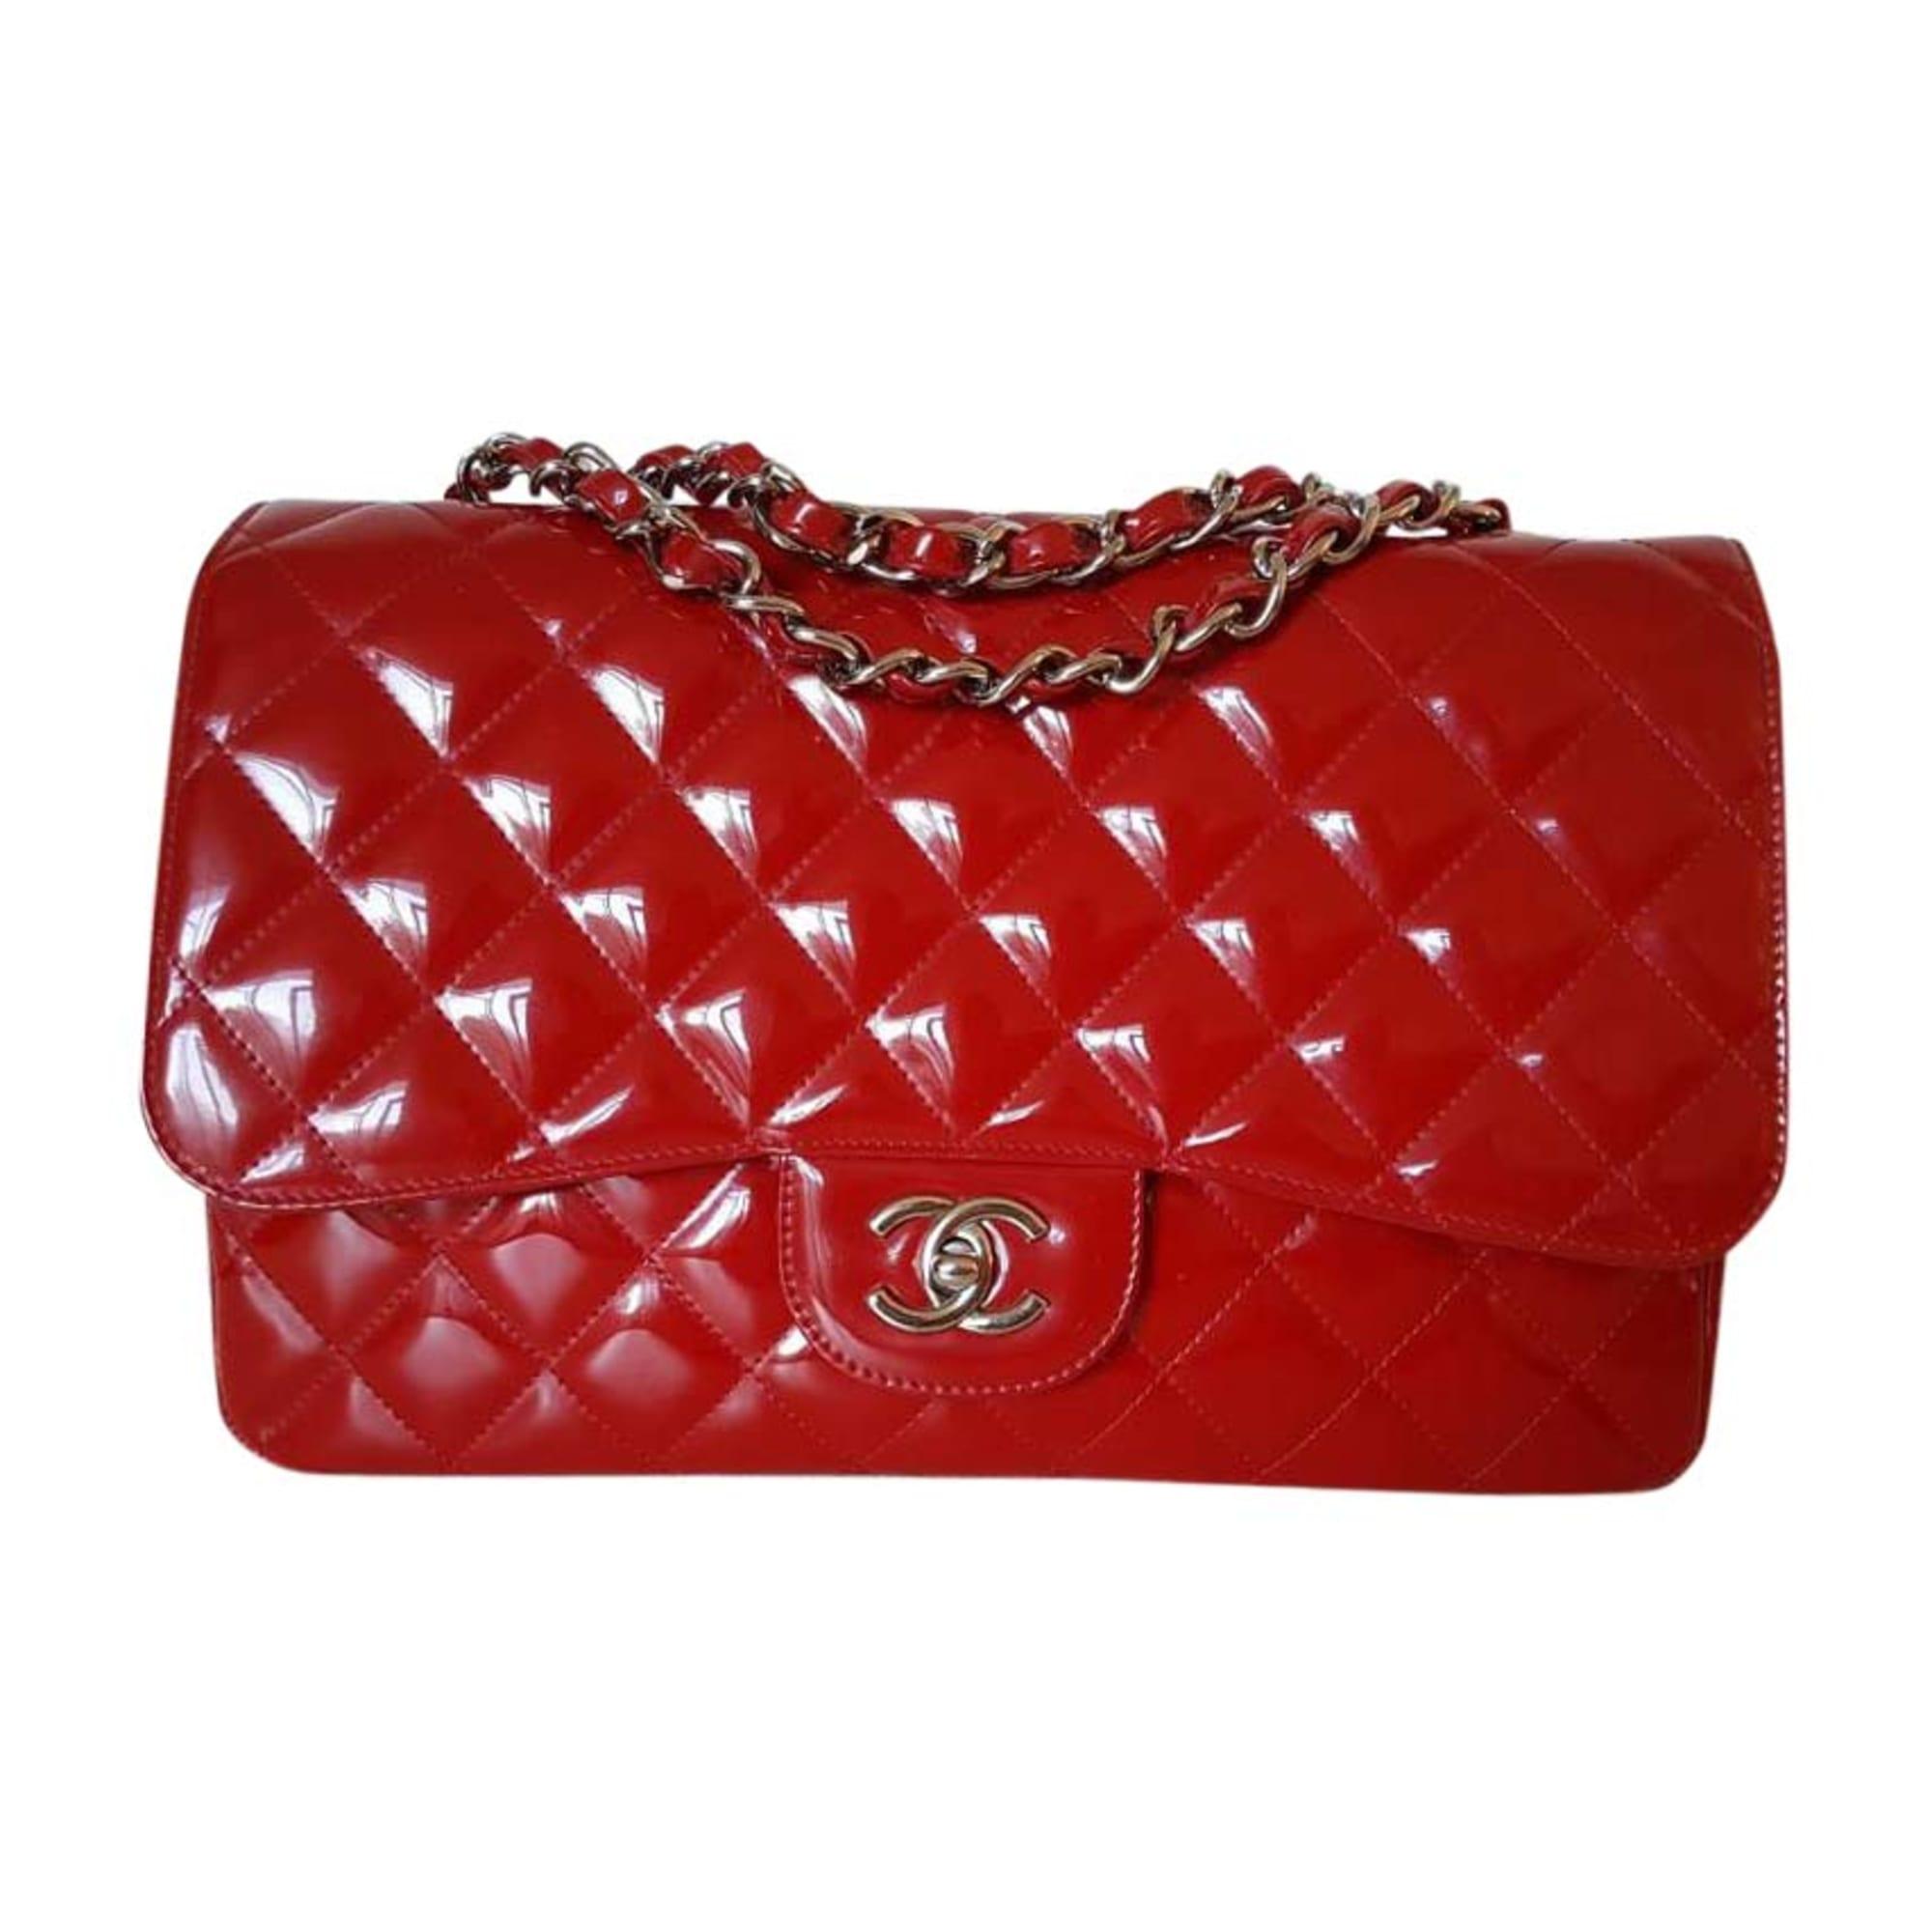 4ede16f799b543 Sac en bandoulière en cuir CHANEL 2.55 Rouge, bordeaux